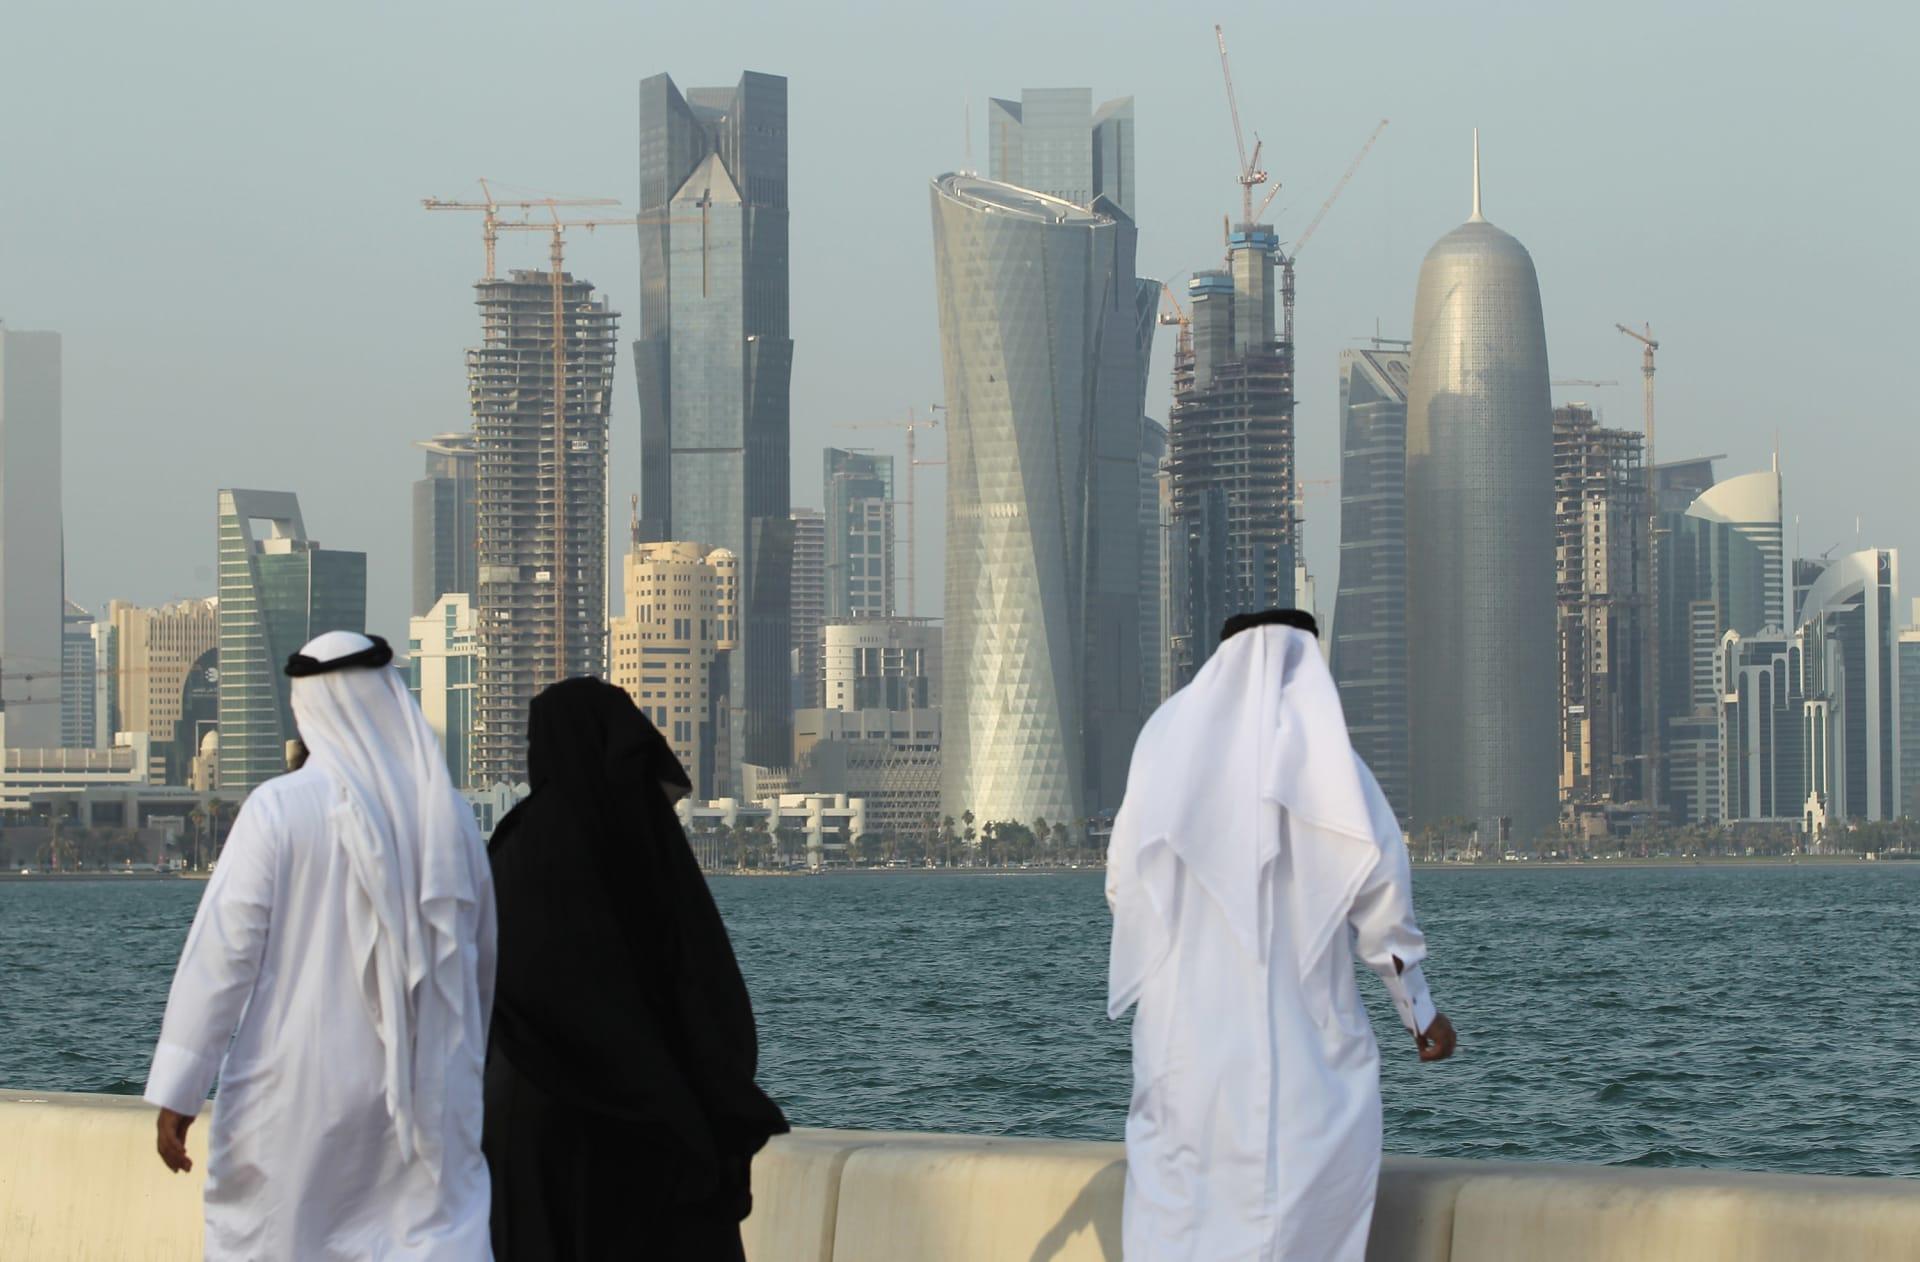 صورة أرشيفية من العاصمة القطرية، الدوحة